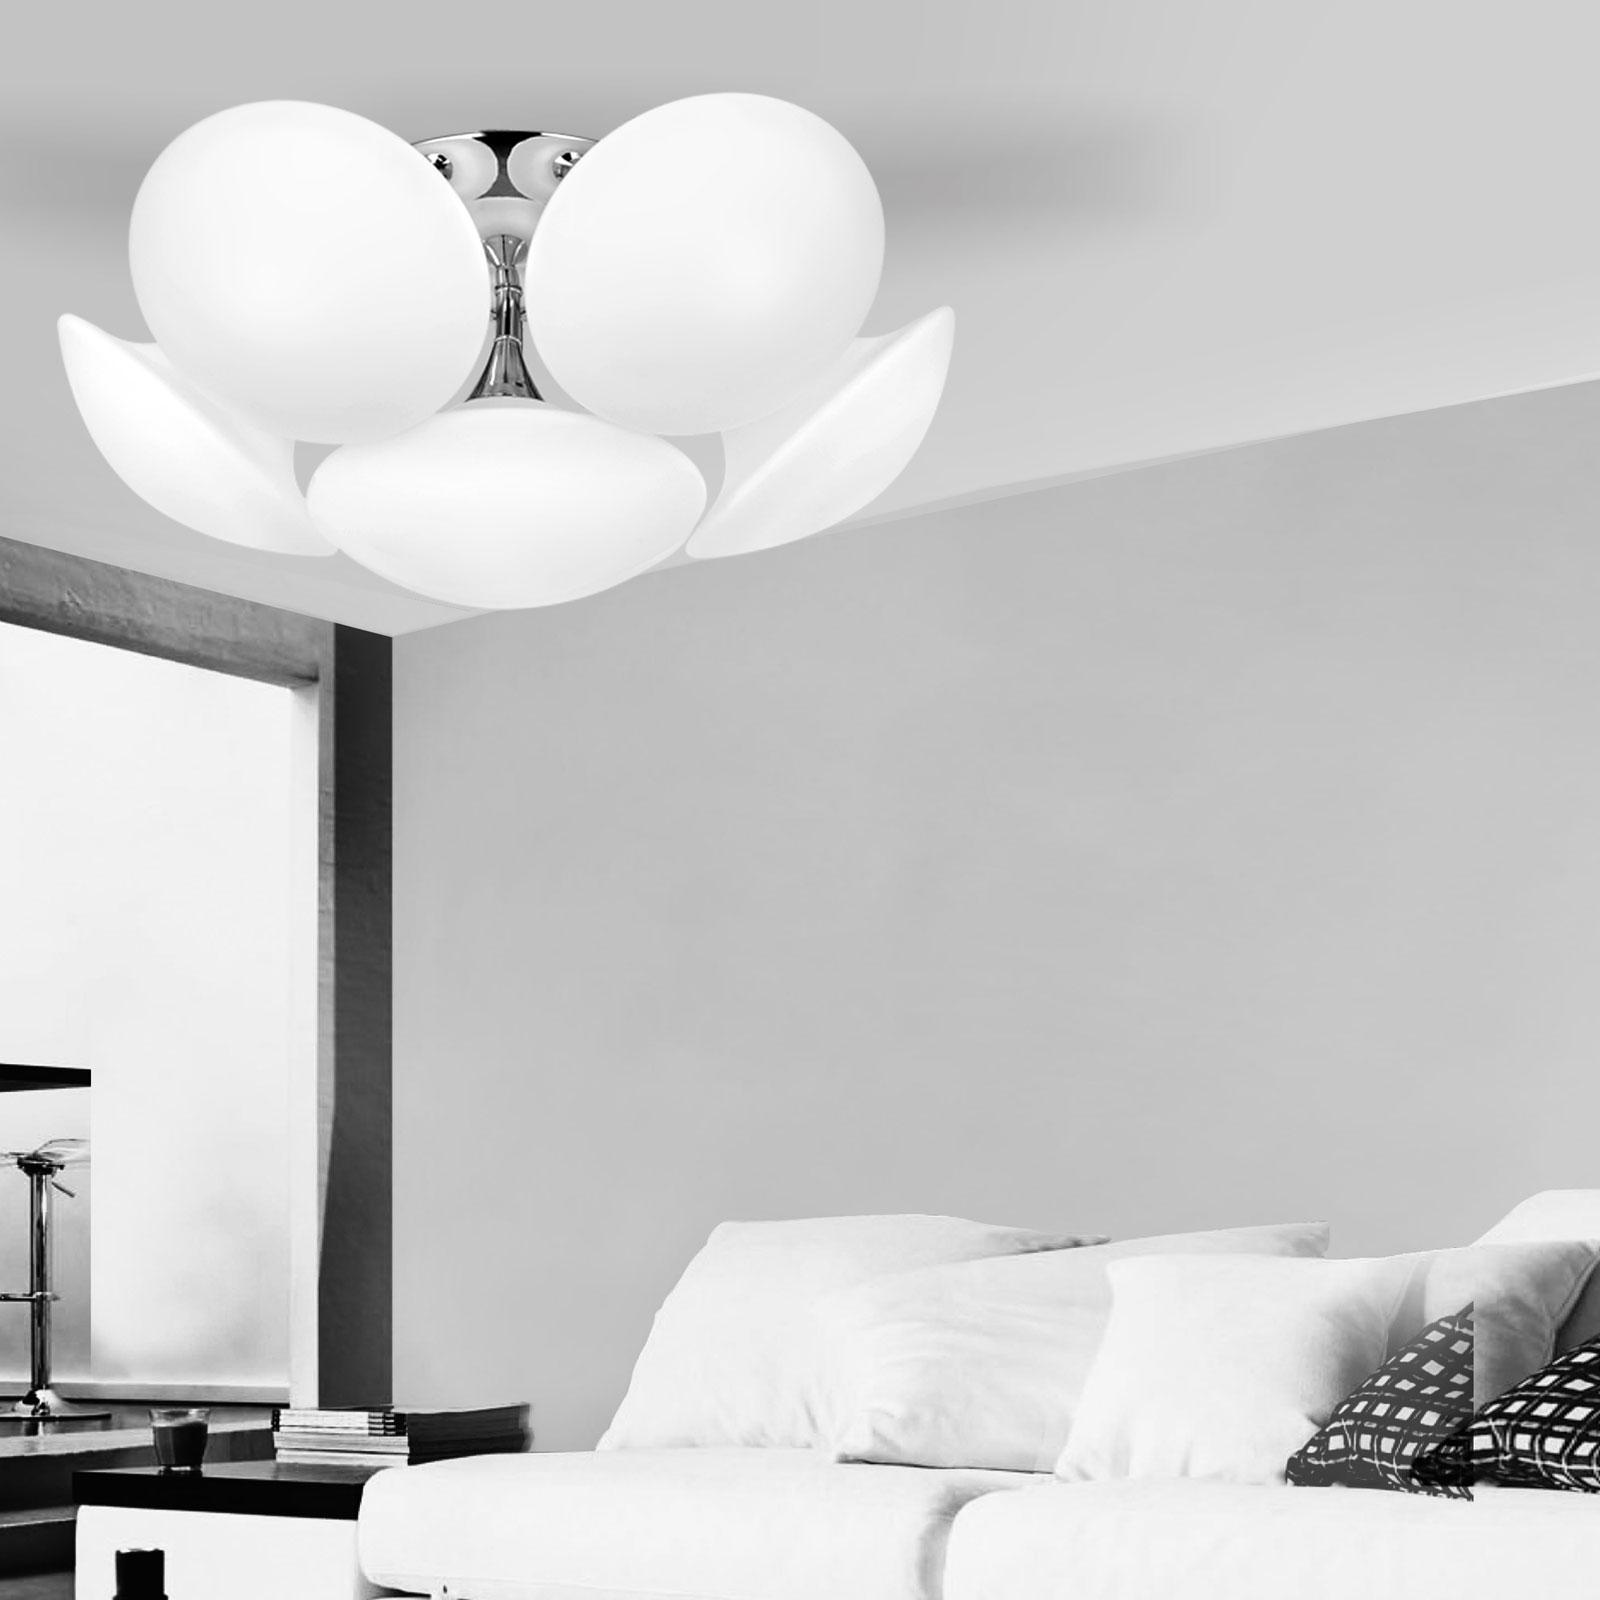 Full Size of Deckenlampe Wohnzimmer Modern Deckenlampen Design Led 6 Falmmig Deckenleuchte Glas Wandtattoos Board Vorhänge Deko Schlafzimmer Kommode Tisch Bilder Xxl Wohnzimmer Deckenlampe Wohnzimmer Modern